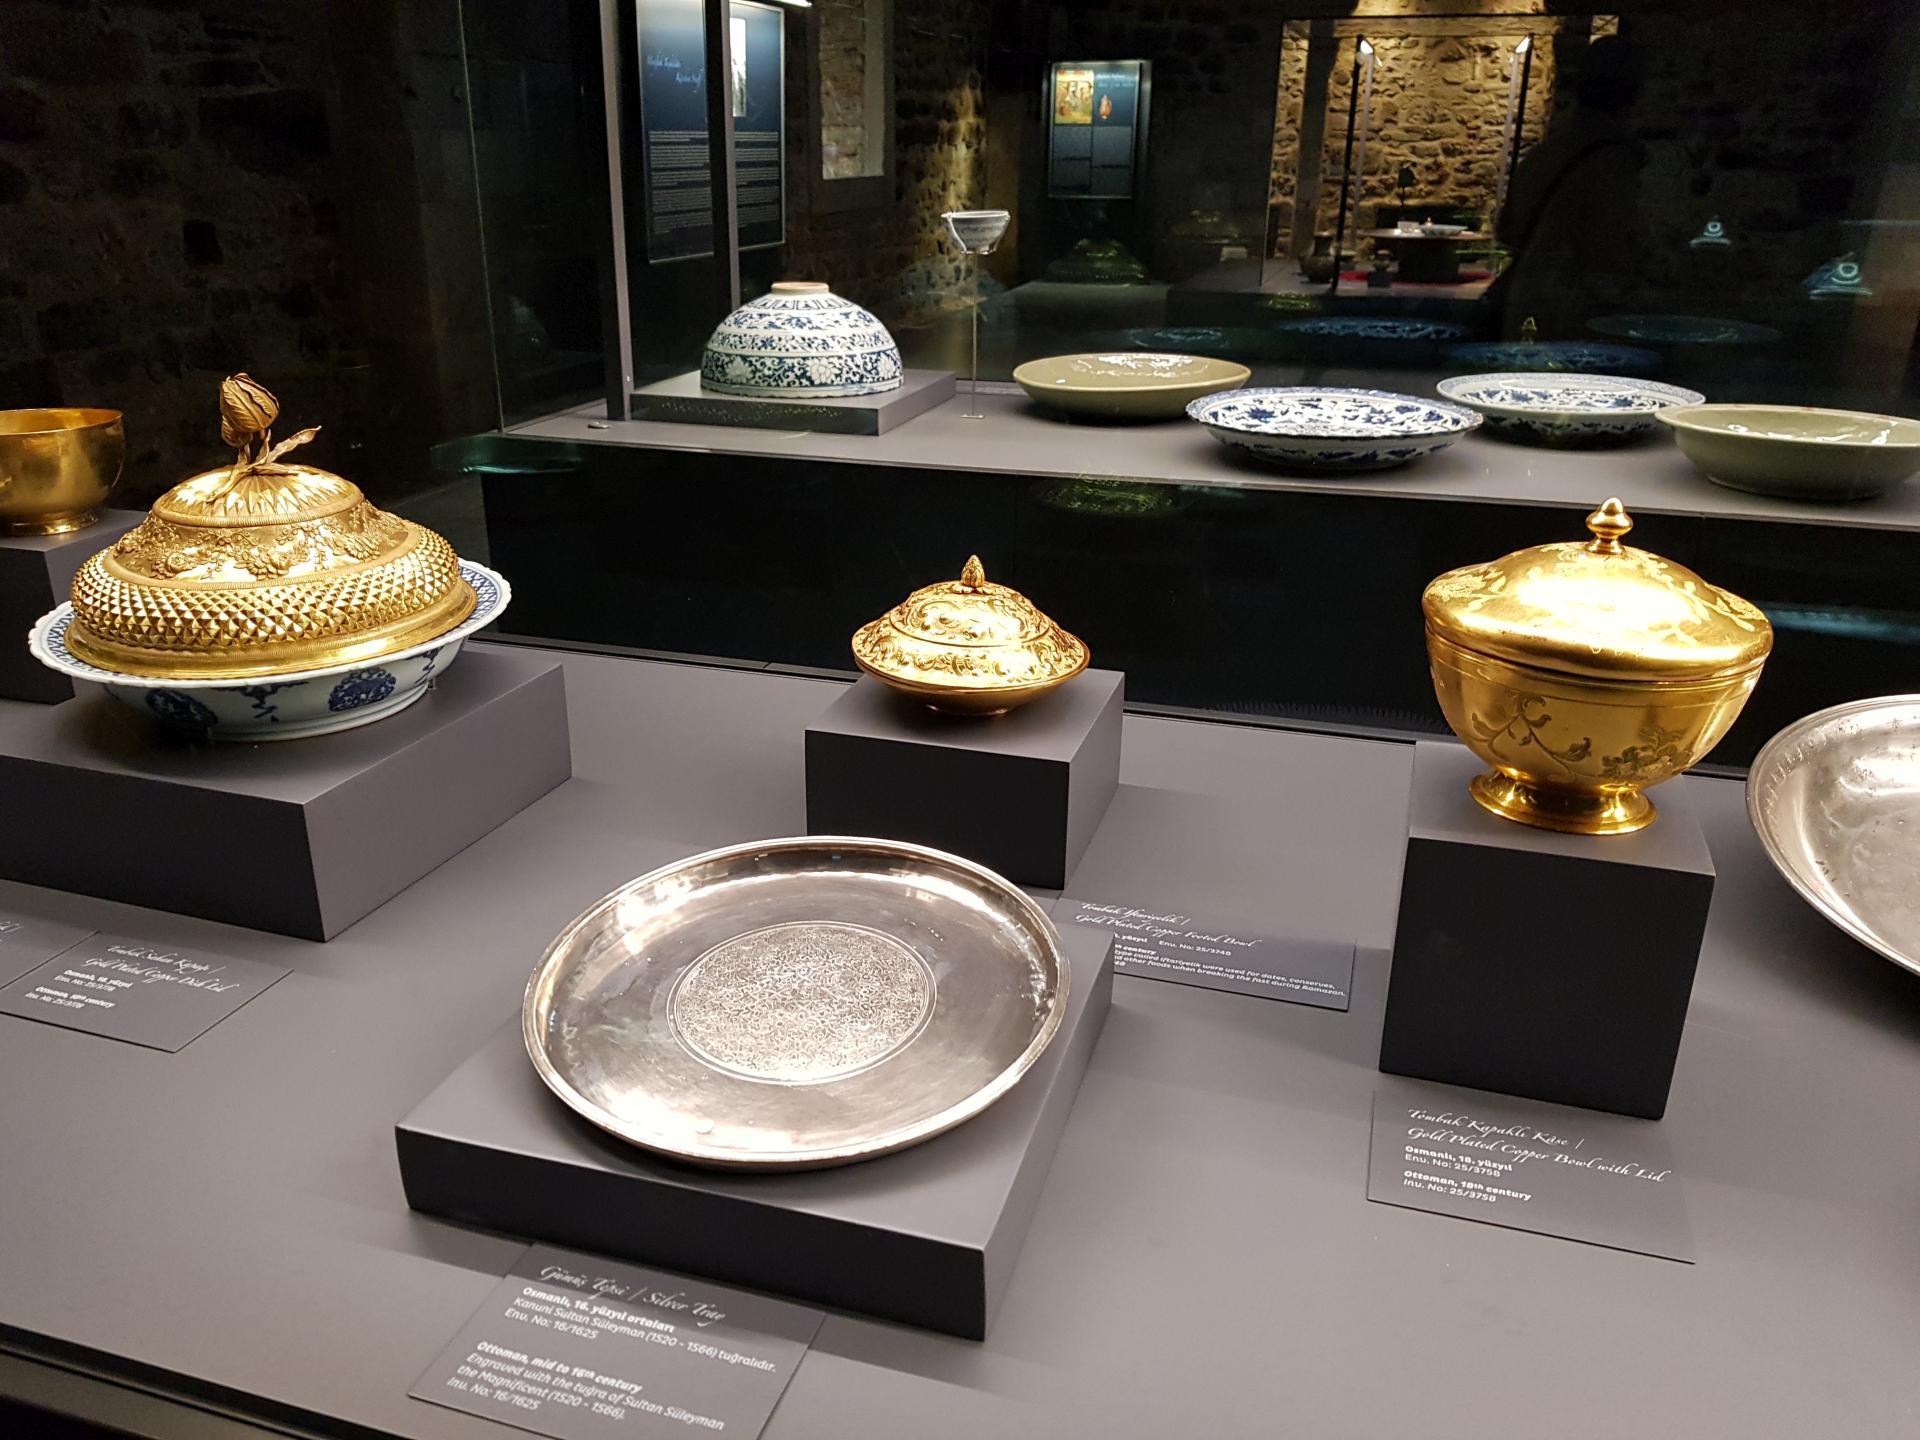 Кухонная утварь султанов в Дворце Топкапы